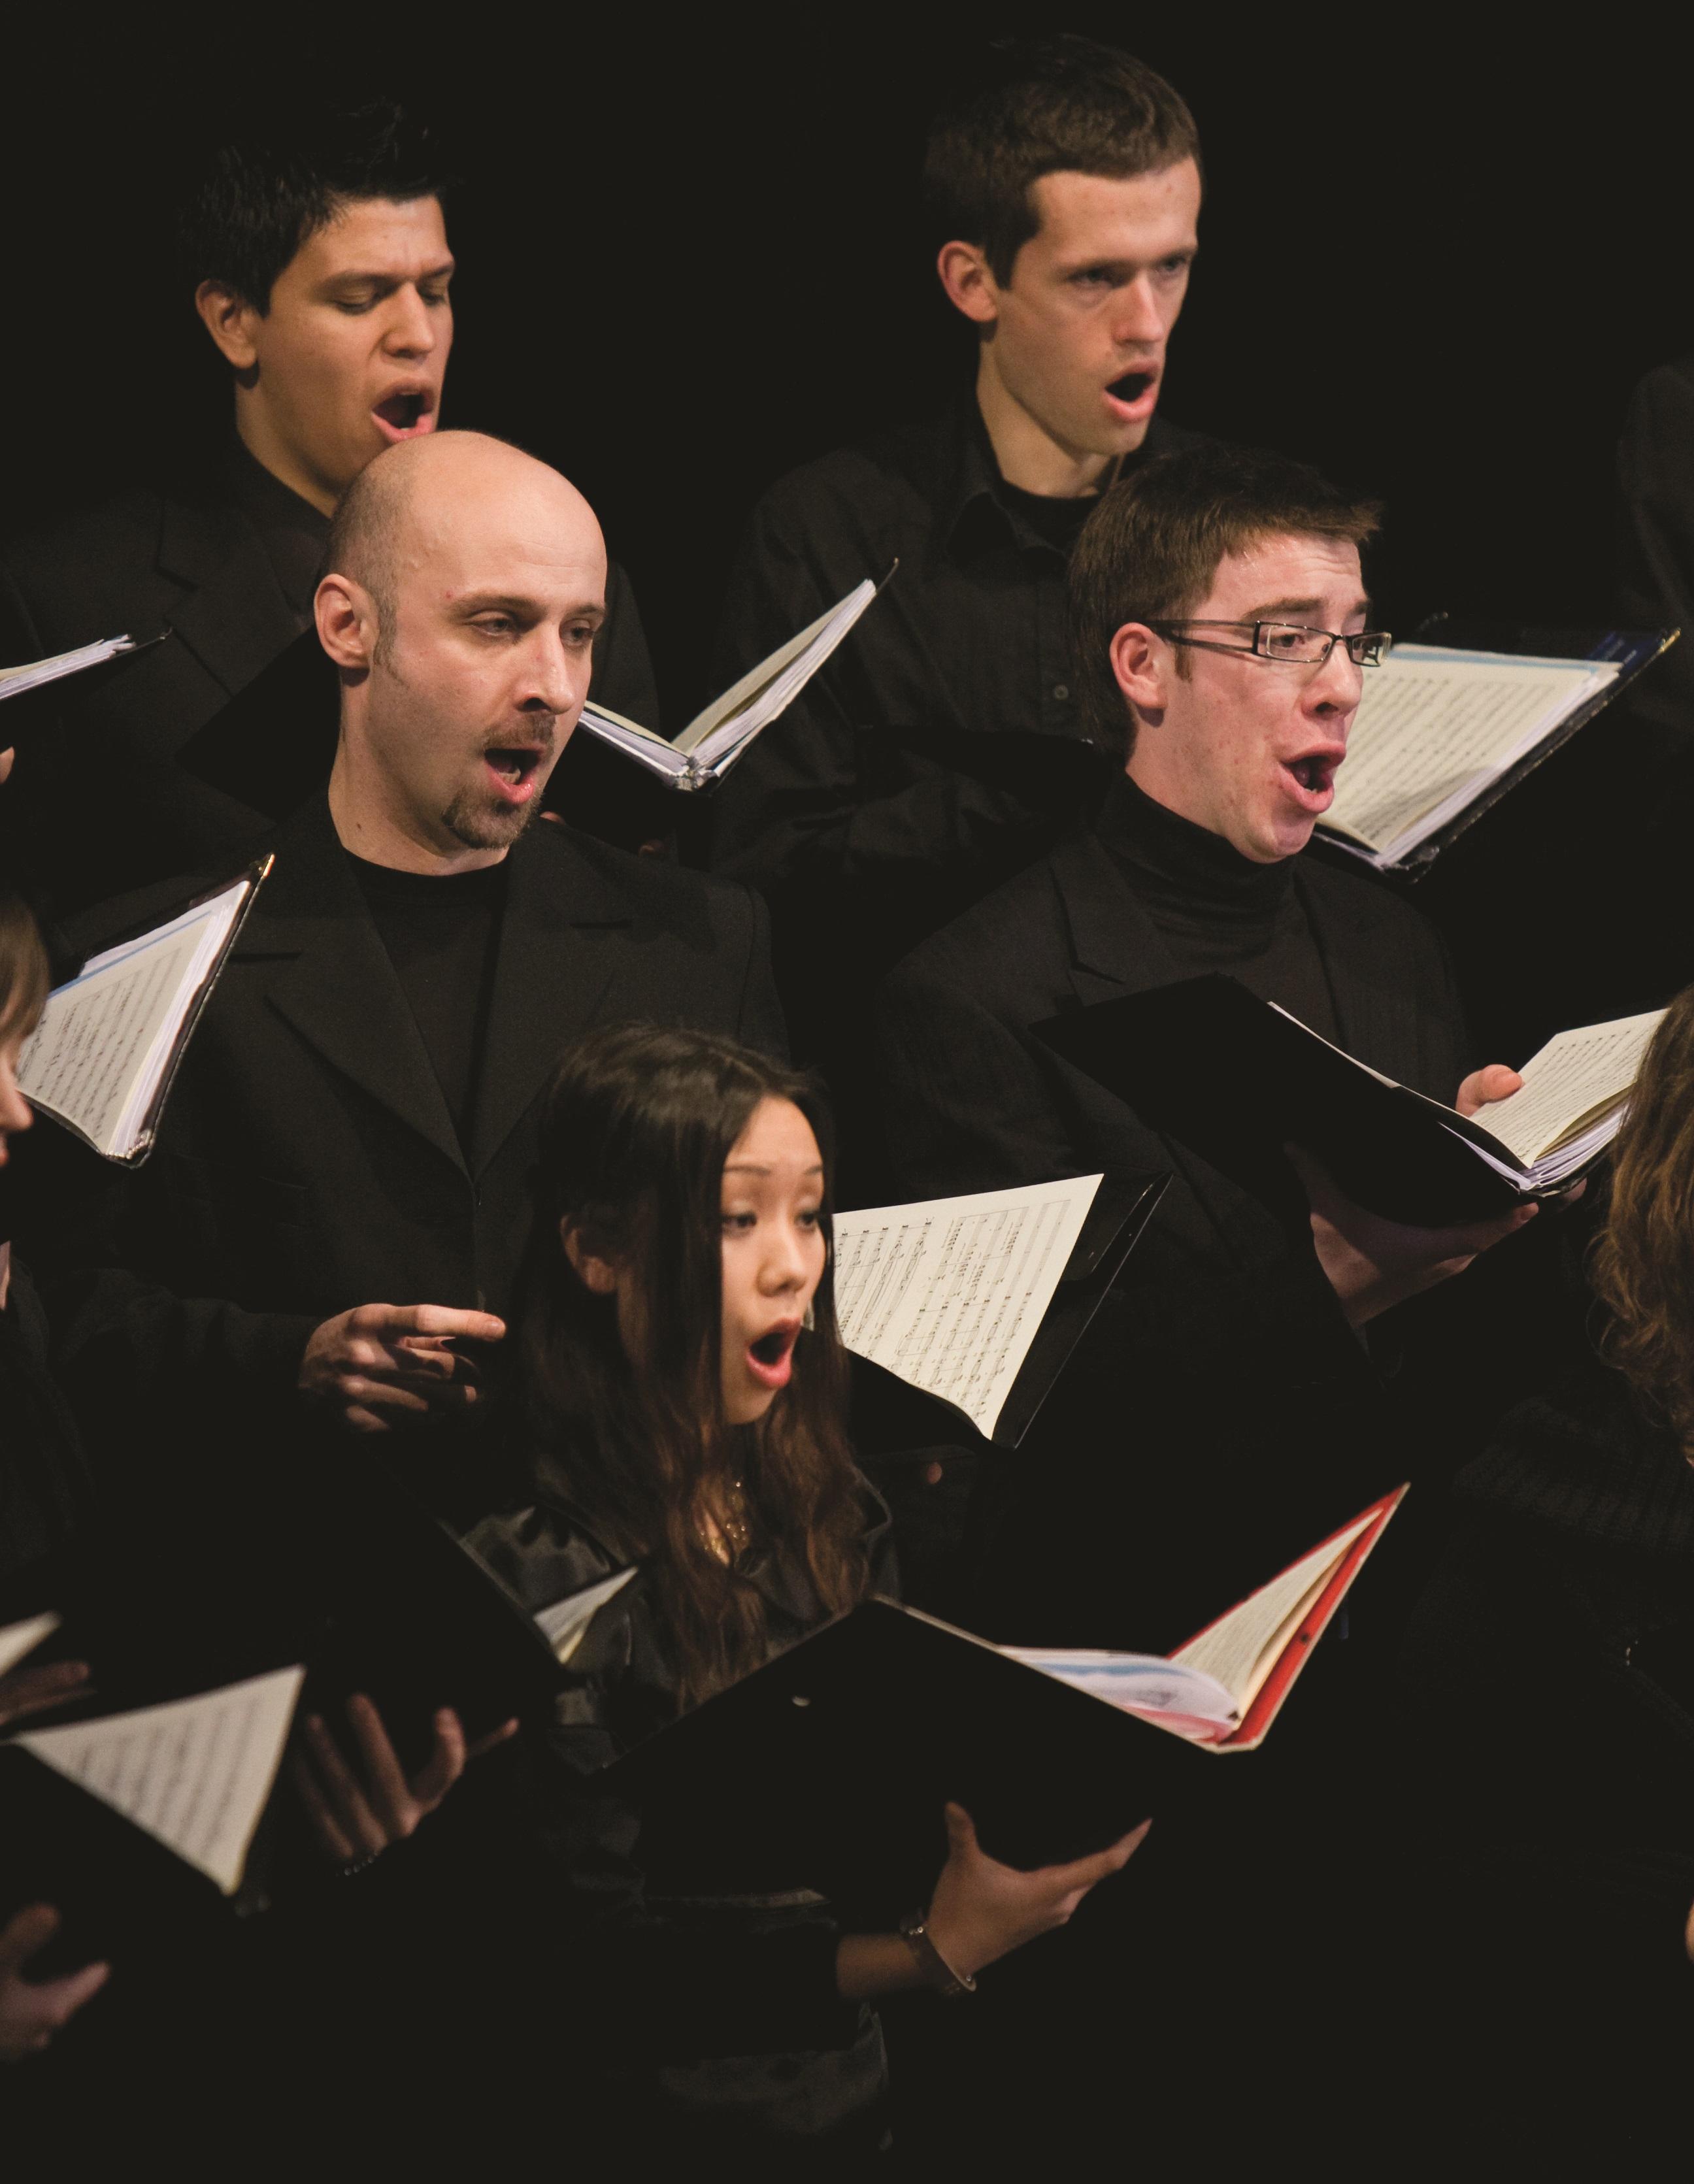 Concert critique essays